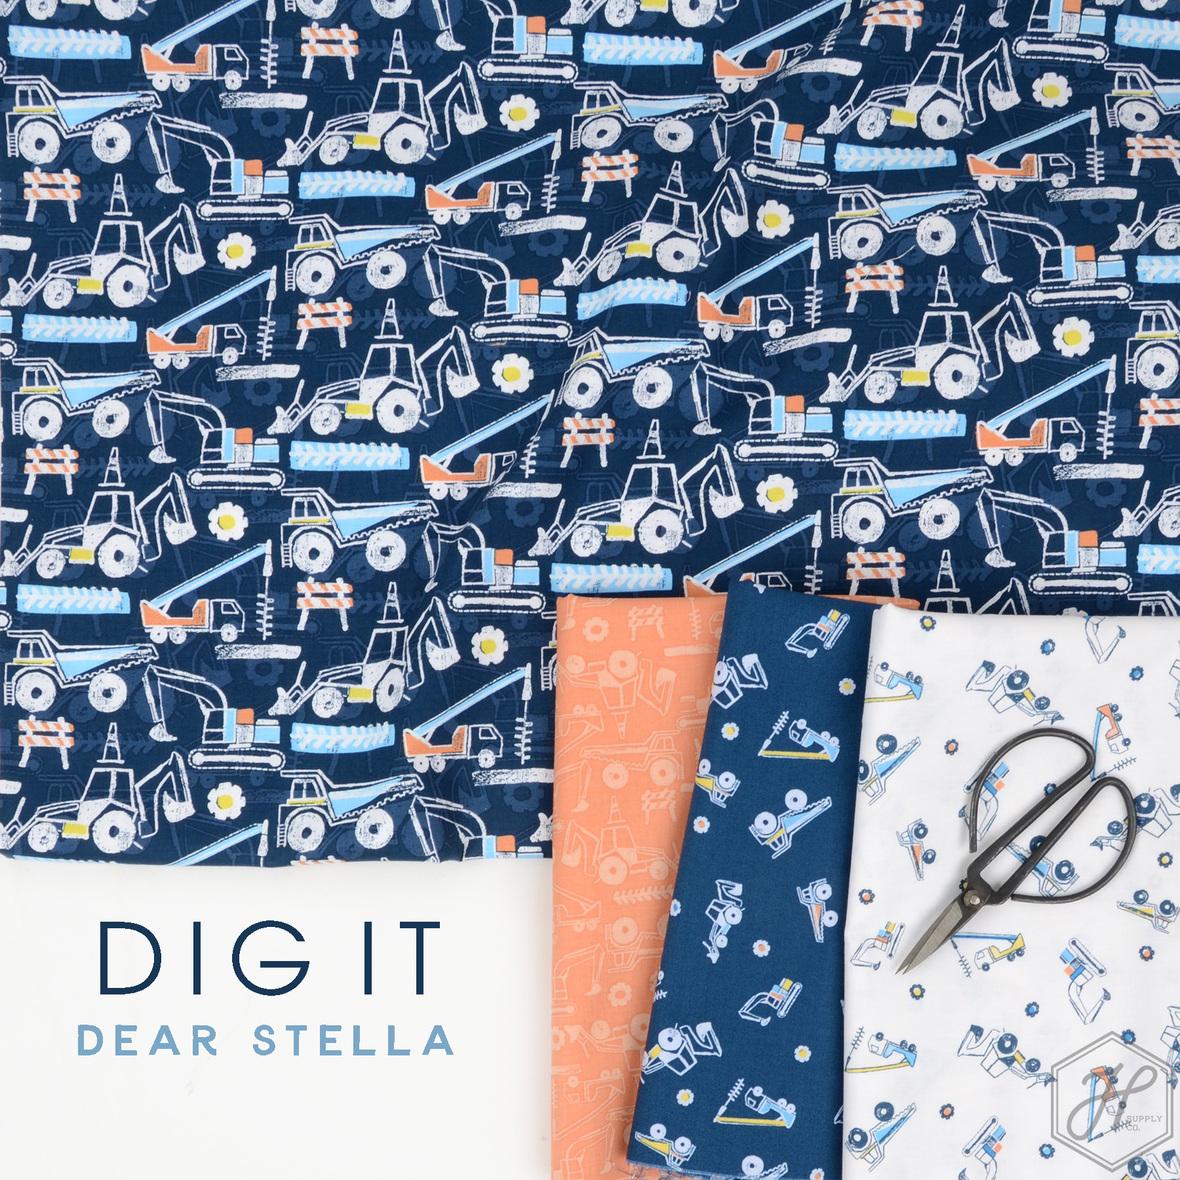 Dig It Dear Stella at Hawthorne Supply Co